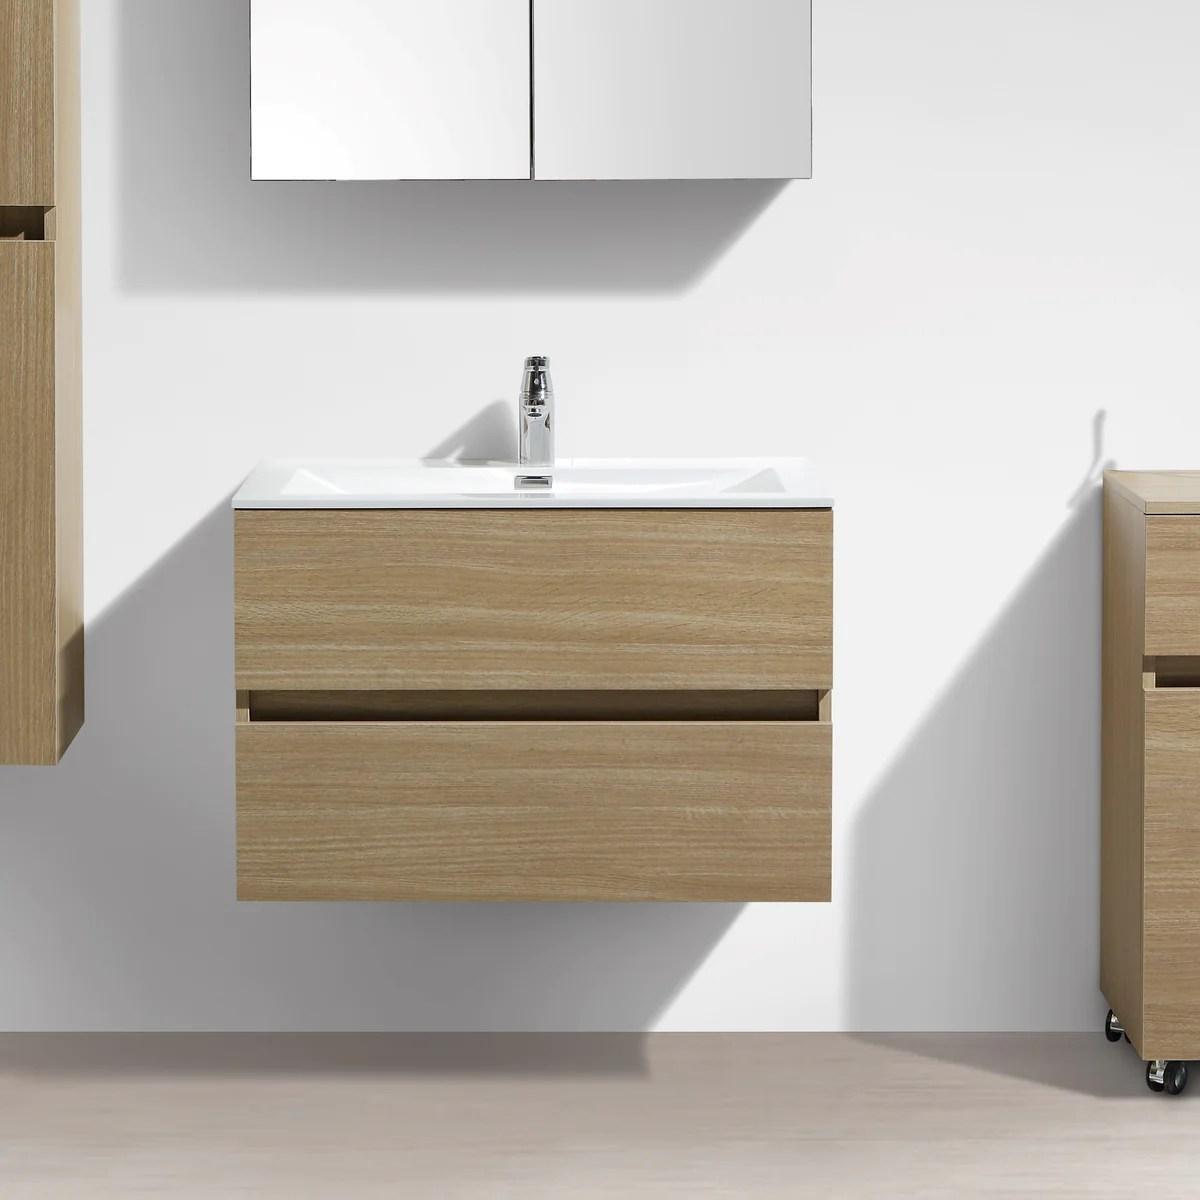 Meuble Salle De Bain Design Simple Vasque Siena Largeur 80 Cm Chene C Le Monde Du Bain